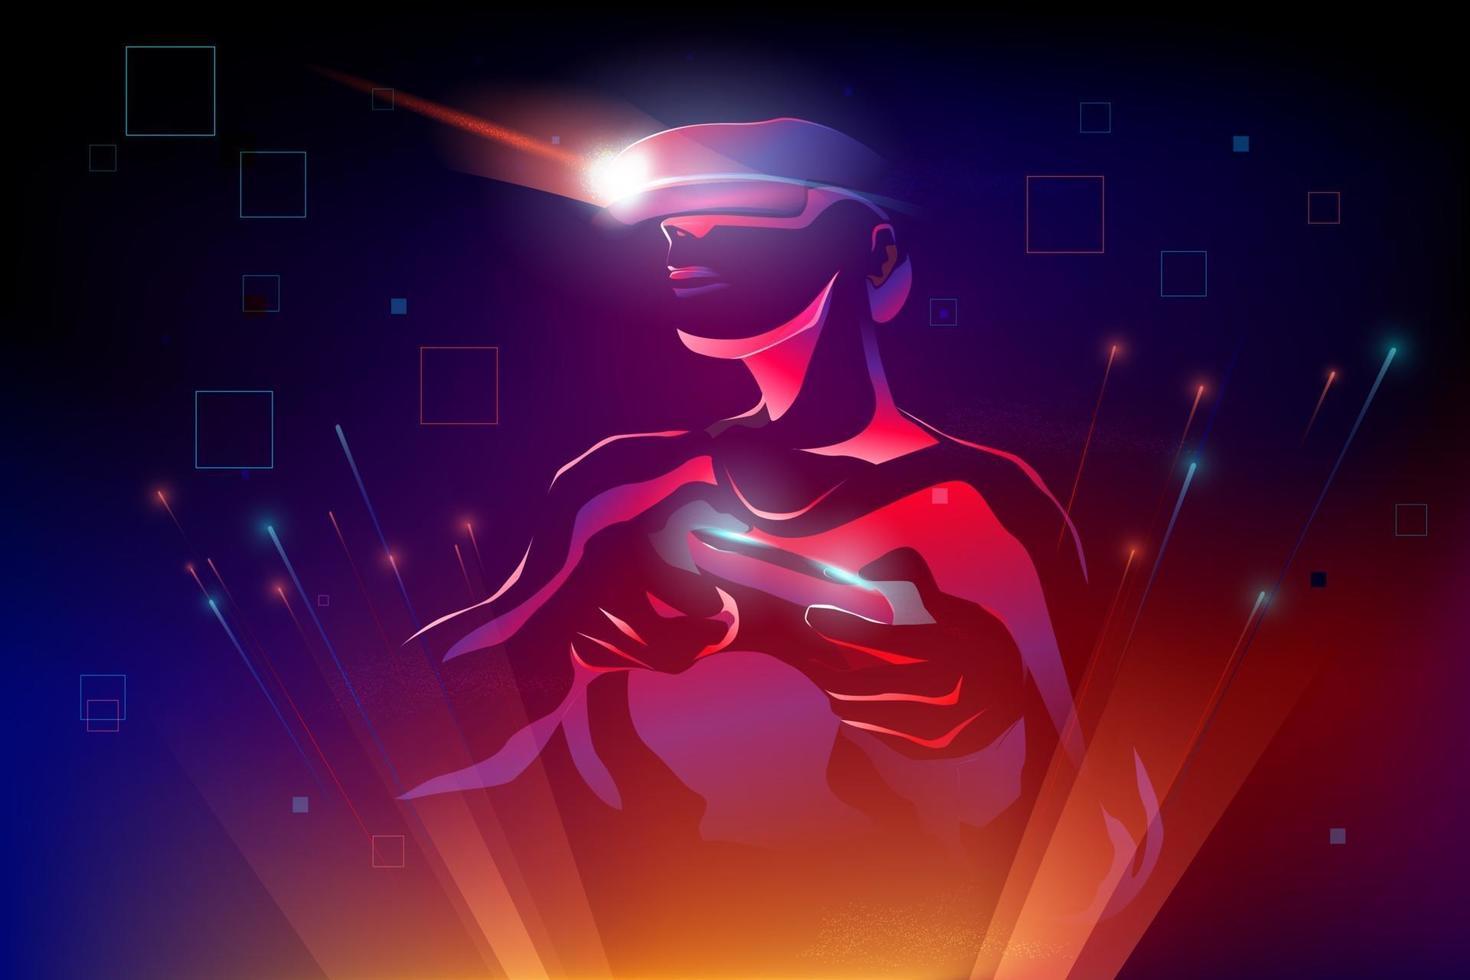 Silueta hombre vestido con dispositivo de realidad virtual vr jugando, movimiento de movimiento en el mundo digital abstracto 3d, ilustración vectorial vector